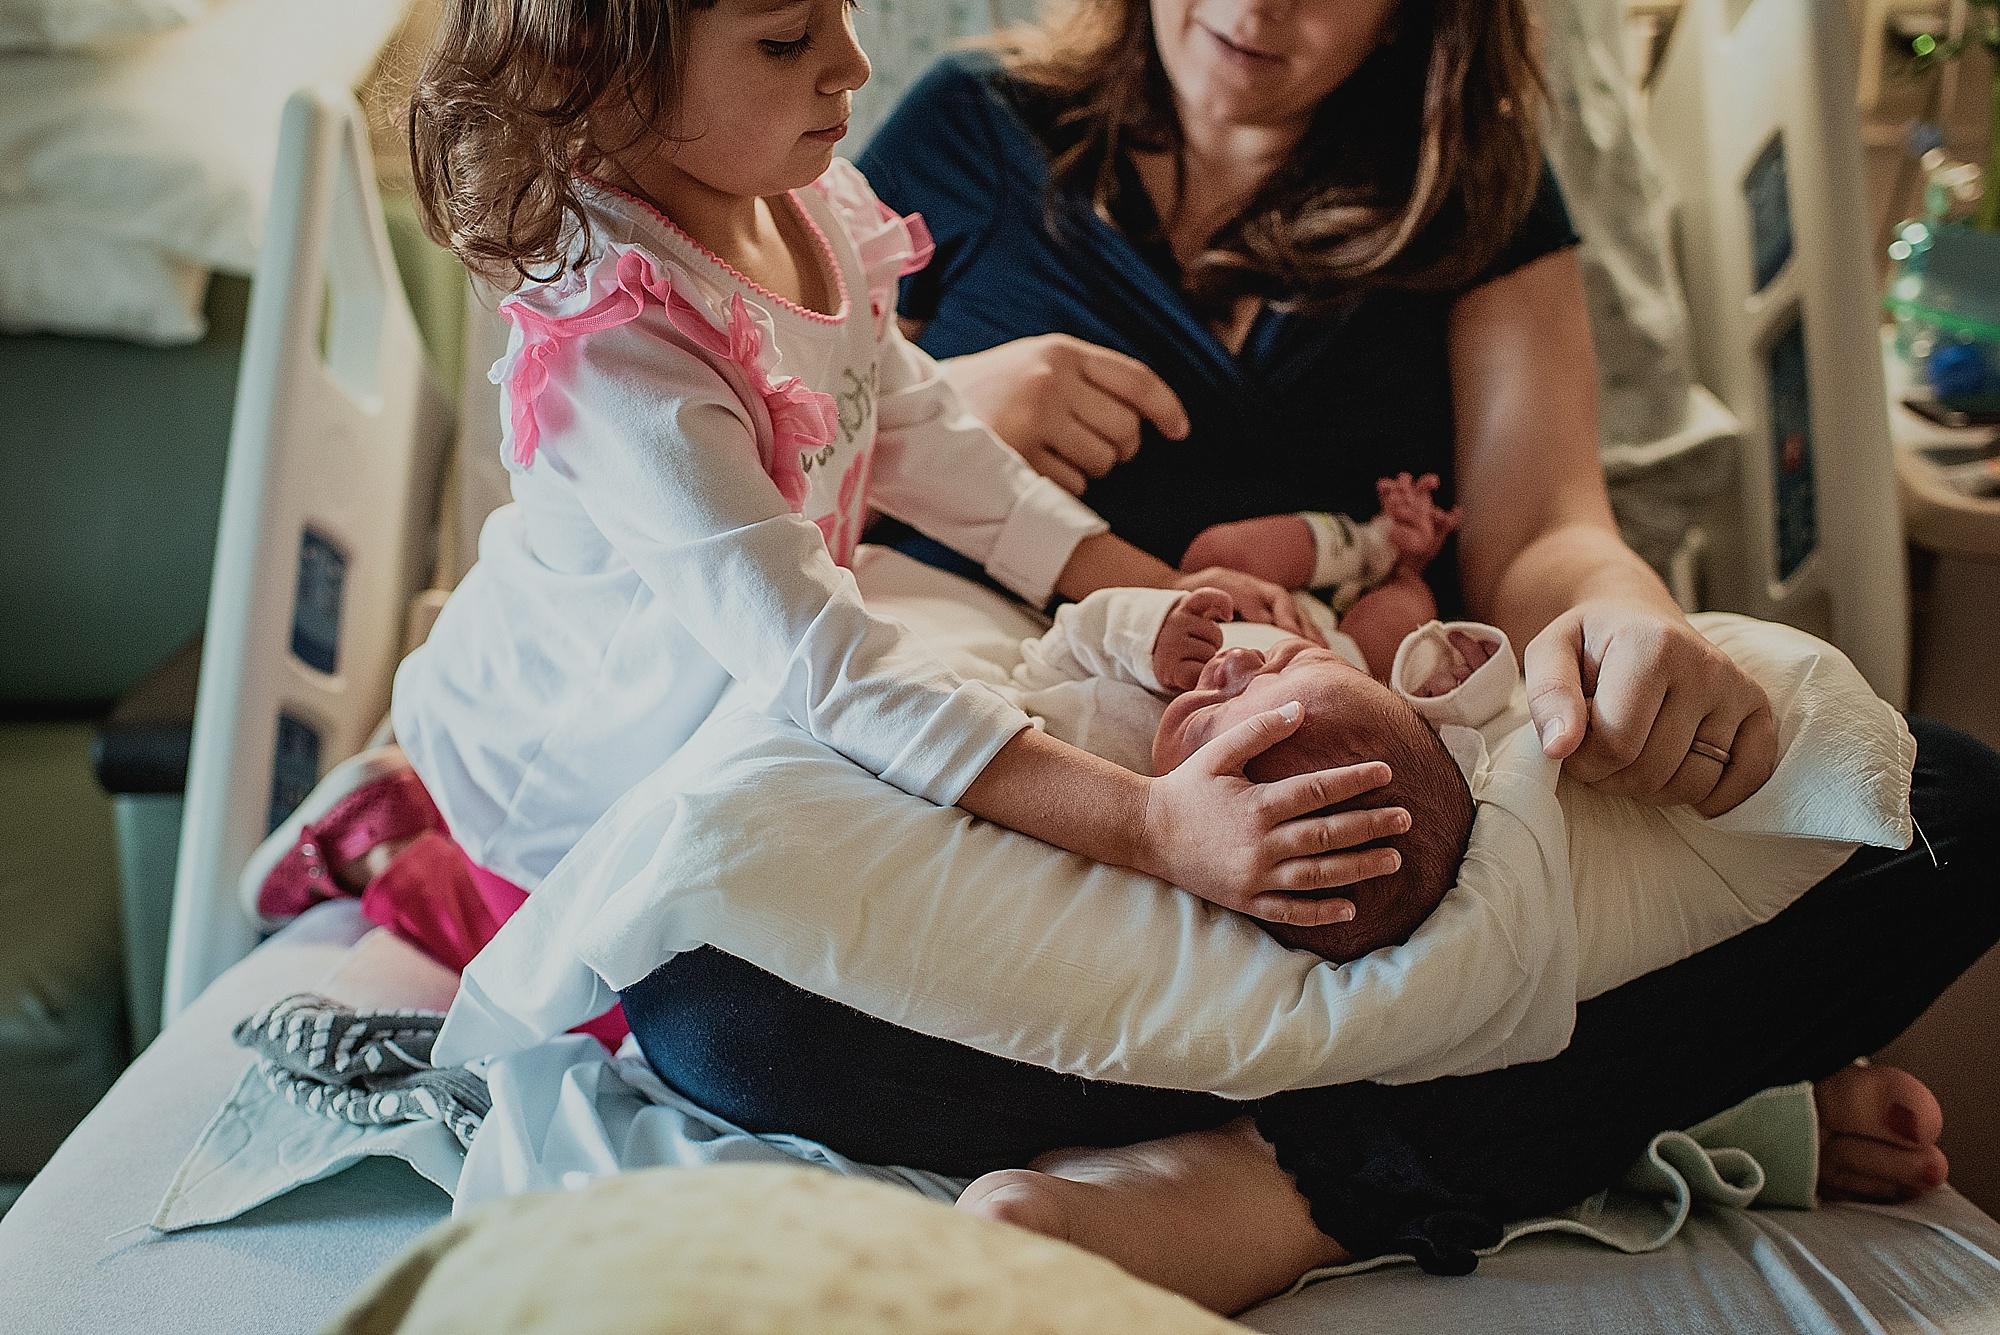 Dudones-family-cleveland-photographer-lauren-grayson-fresh-48-session_0017.jpg